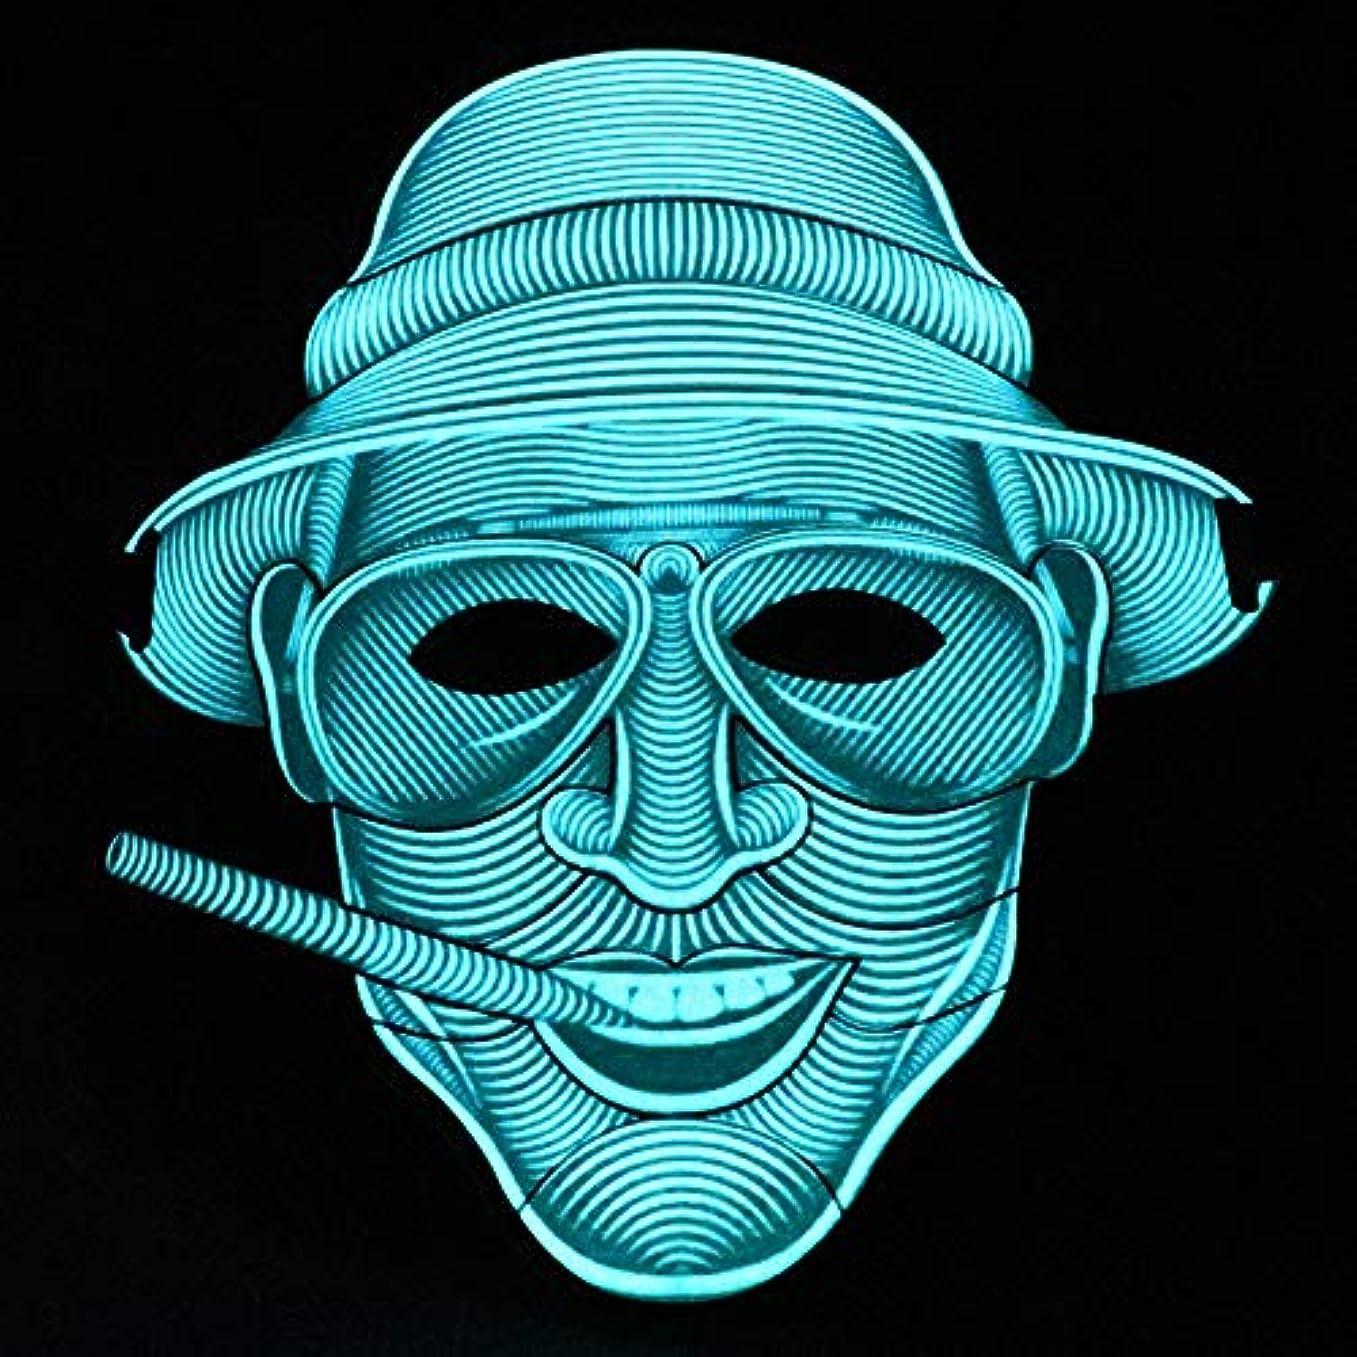 枯れるスコア溶岩照らされたマスクLED創造的な冷光音響制御マスクハロウィンバーフェスティバルダンスマスク (Color : #10)